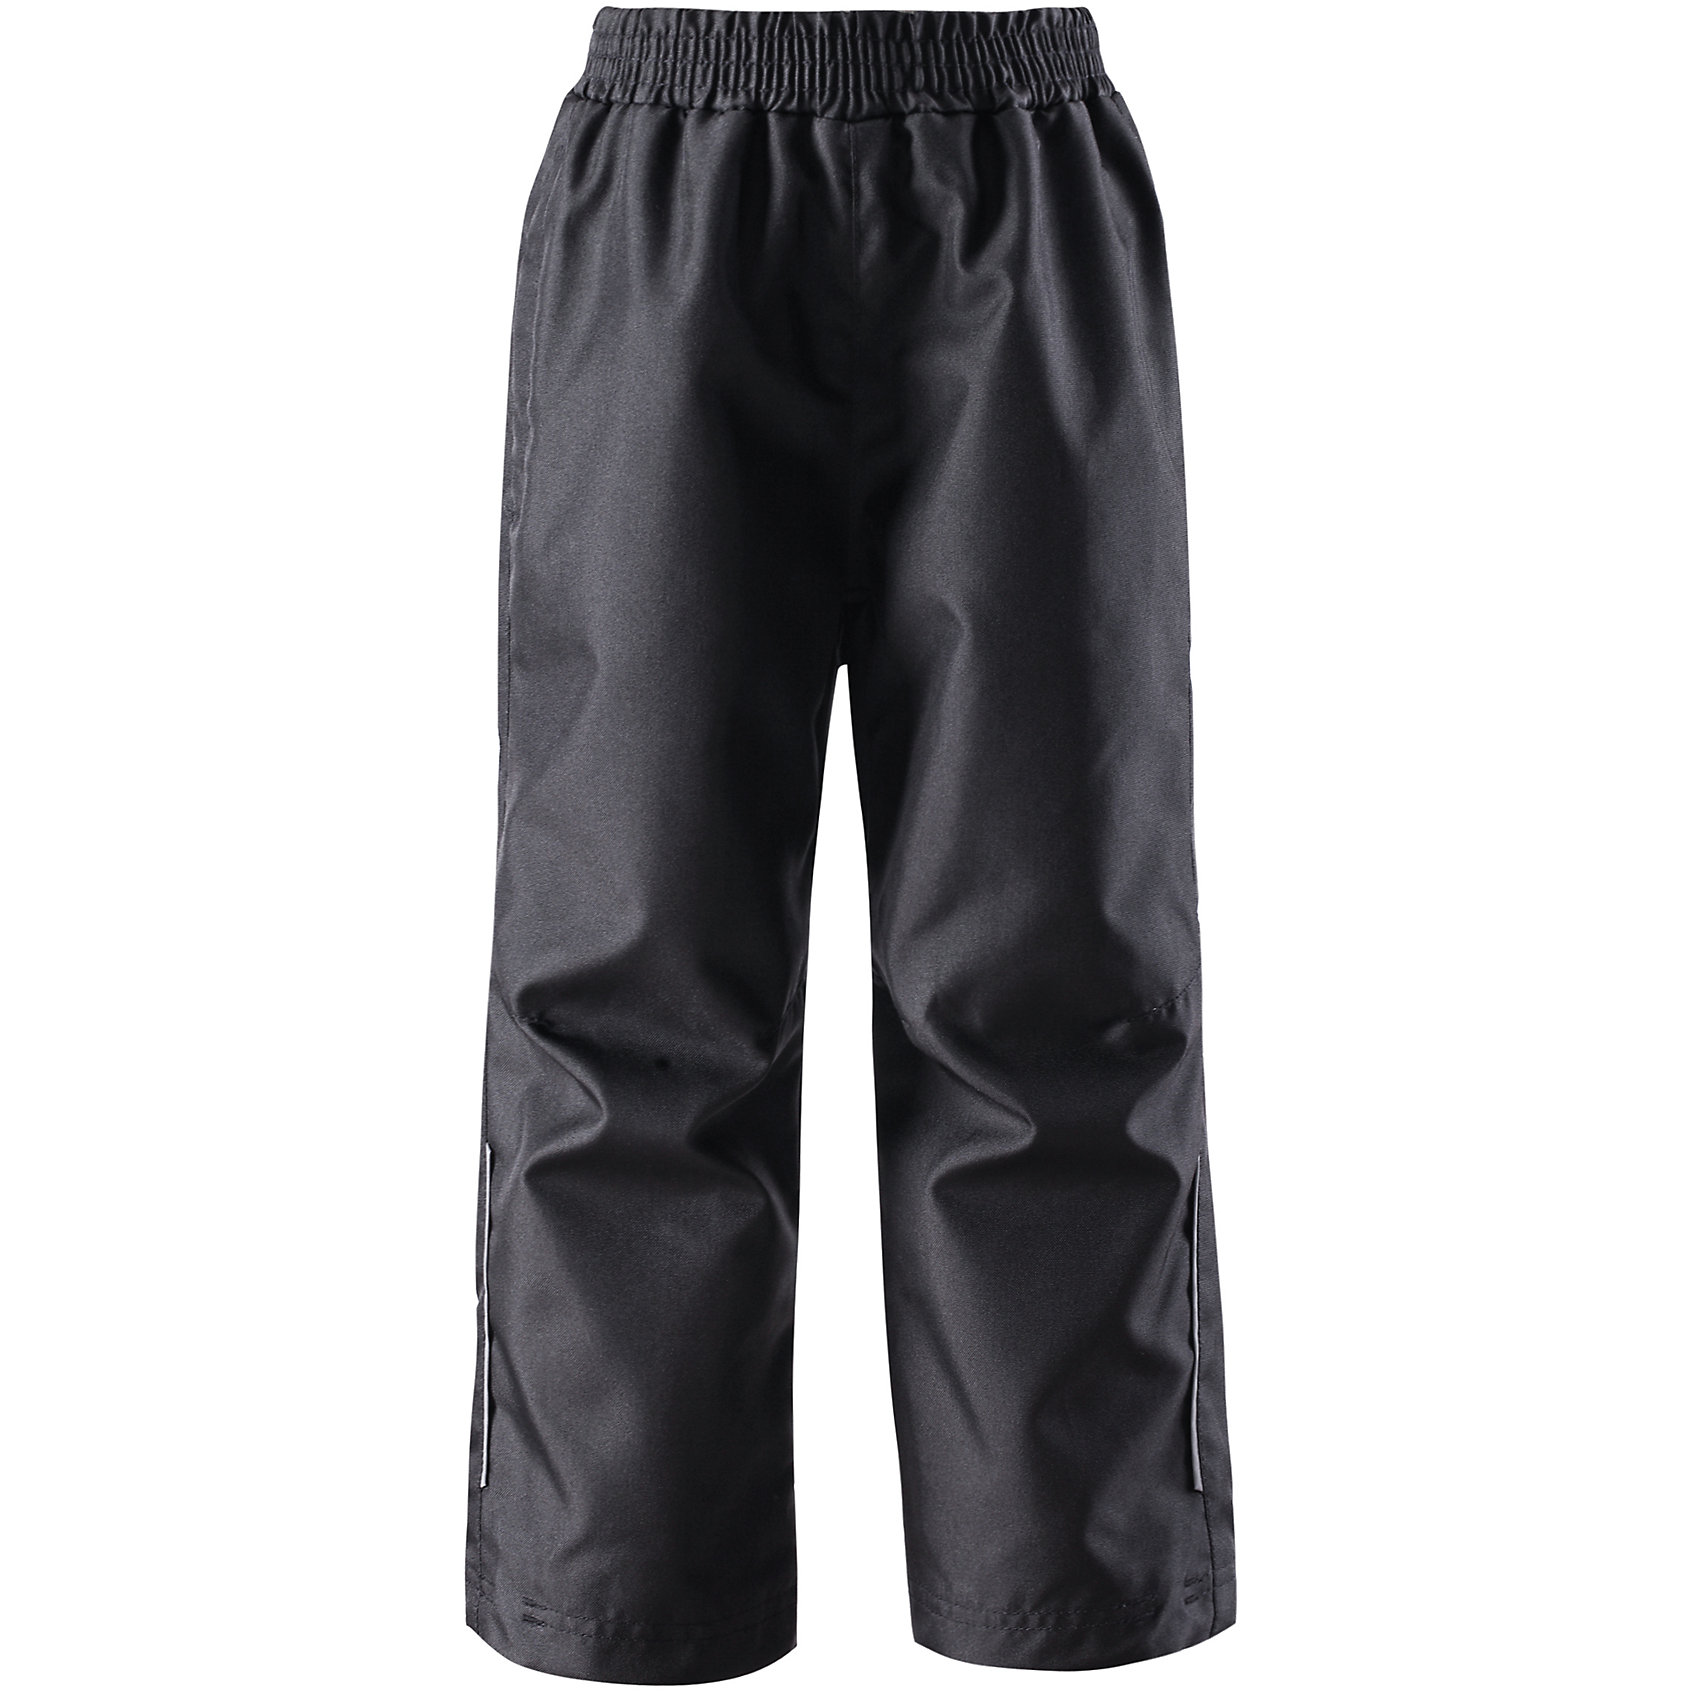 Брюки  LASSIE by ReimaБрюки от известной компании LASSIE by Reima<br><br>Непромокаемые брюки - отличная вещь для прогулок и активного отдыха. Они созданы для прохладной погоды - мембранный материал не даст ребенку замерзнуть, но позволит при этом коже дышать и отводить лишнюю влагу.<br>Брюки выполнены в ярком цвете, легко надевается, не промокают, размер регулируется. Их очень просто чистить. Эта стильная и качественная вещь прослужит не один сезон!<br><br>Особенности модели:<br><br>- цвет: черный;<br>- проклеенный серединный сзади;<br>- на талии - резинка;<br>- водо- и ветронепроницаемый, грязеотталкивающий материал;<br>- по бокам - карманы;<br>- материал износостойкий;<br>- водонепроницаемость (WP) - 1 000;<br>- воздухопроницаемость (BR) - 3000;<br>- снизу на штанинах - шнурки для регулирования размера.<br><br>Дополнительная информация:<br><br>Температурный режим: от 0° до +15° С<br><br>Состав: 100% полиэстер<br><br>Брюки от известной компании LASSIE by Reima (Лэсси Рейма) можно купить в нашем магазине.<br><br>Ширина мм: 215<br>Глубина мм: 88<br>Высота мм: 191<br>Вес г: 336<br>Цвет: черный<br>Возраст от месяцев: 60<br>Возраст до месяцев: 72<br>Пол: Унисекс<br>Возраст: Детский<br>Размер: 116,134,122,128,140,104,110,98,92<br>SKU: 4555206